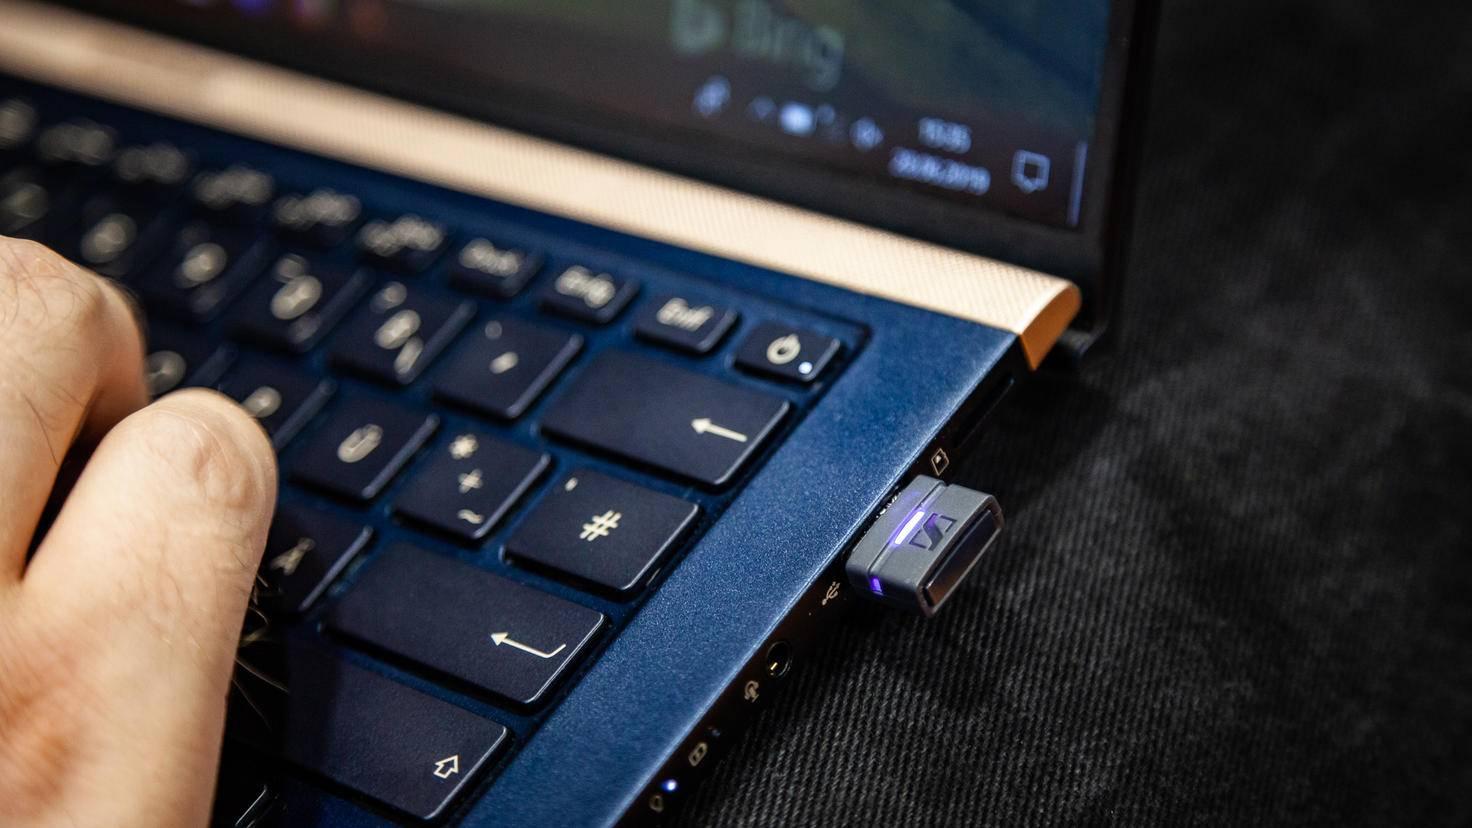 Der Klang wird über einen kleinen USB-Transmitter von der PS4 oder dem PC übertragen.